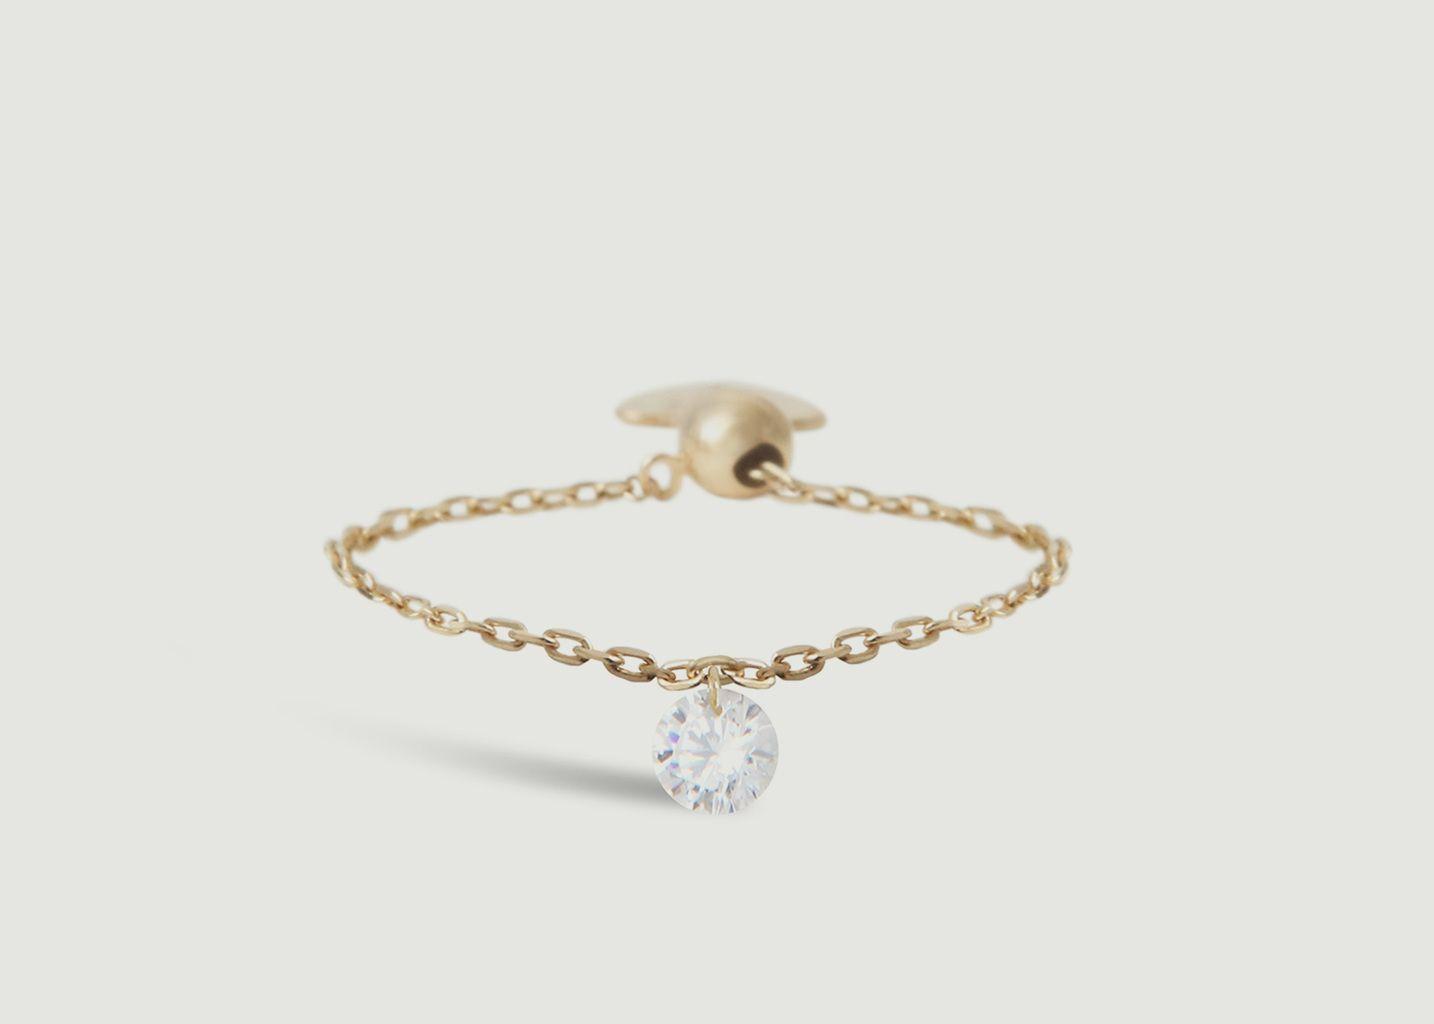 Bague chaîne or et diamant Danaé - Persée Paris